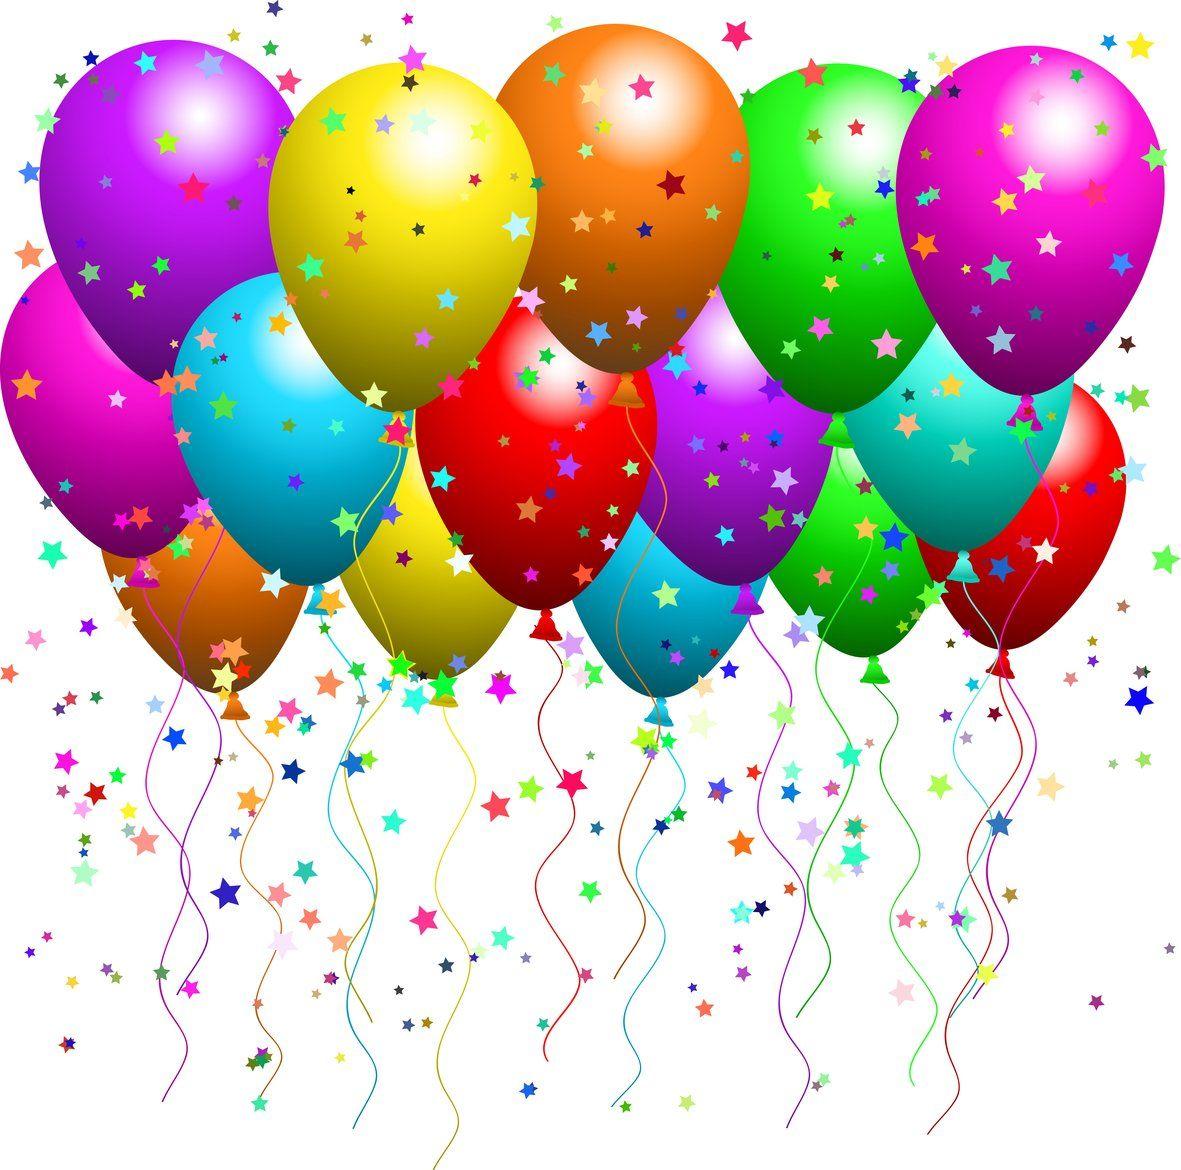 Dreamies De 6n5dkjridzn Jpg Geburtstag Luftballons Geburtstag Wünsche Coole Geburtstagsideen